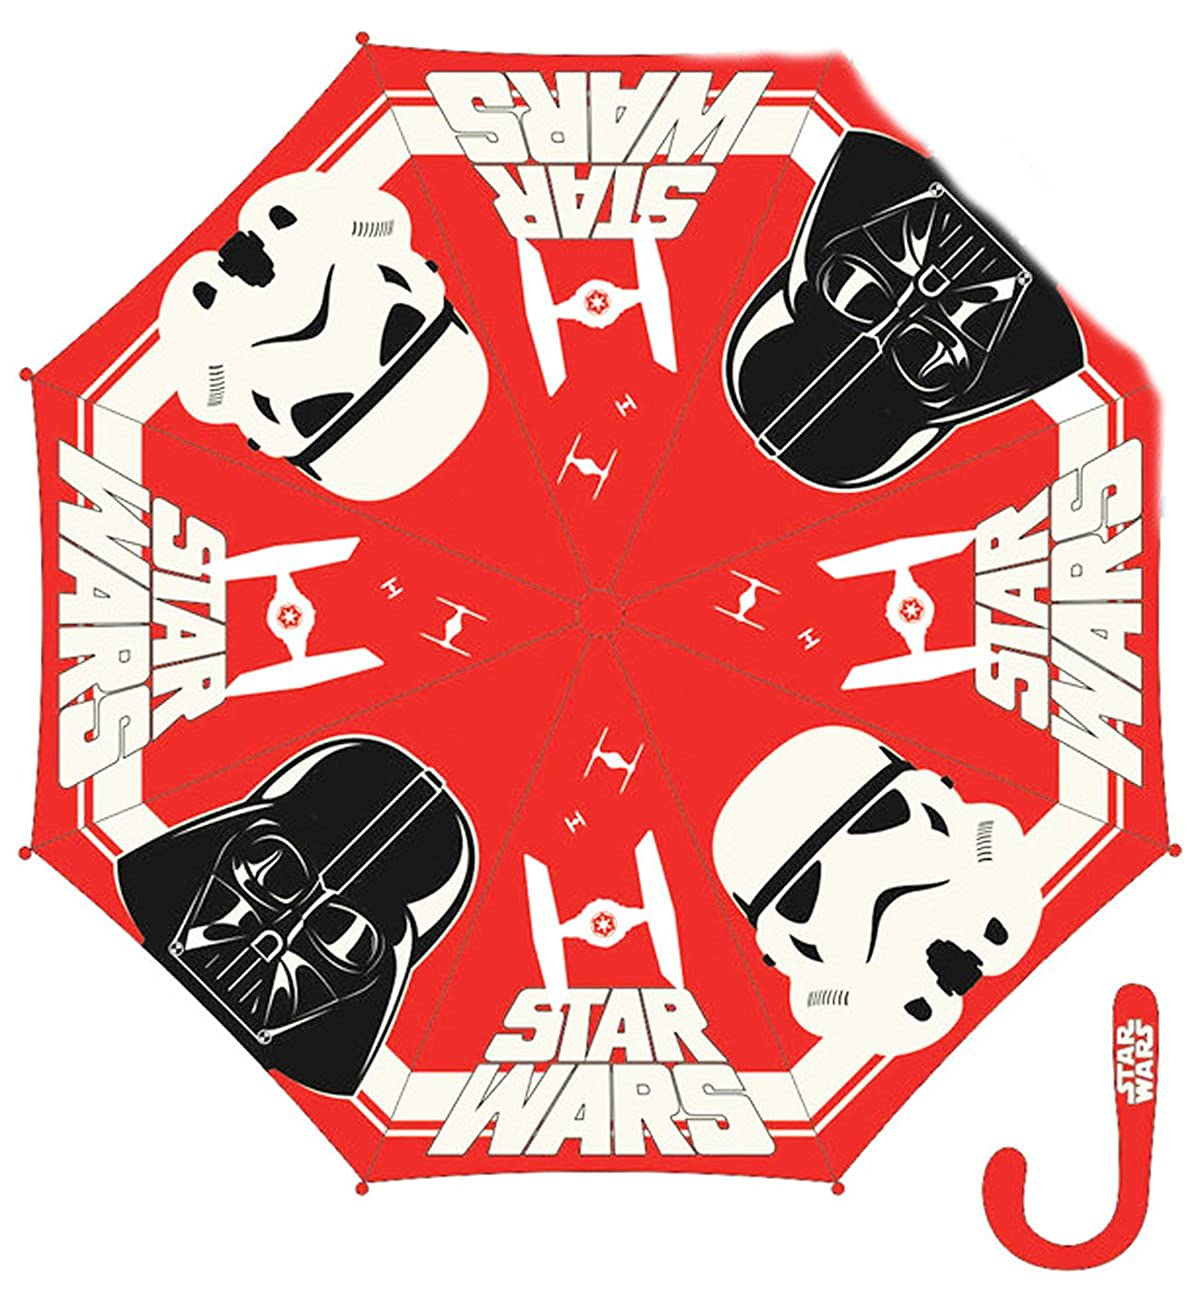 Parapluie enfant garç on Star wars Rouge diamè tre 90cm